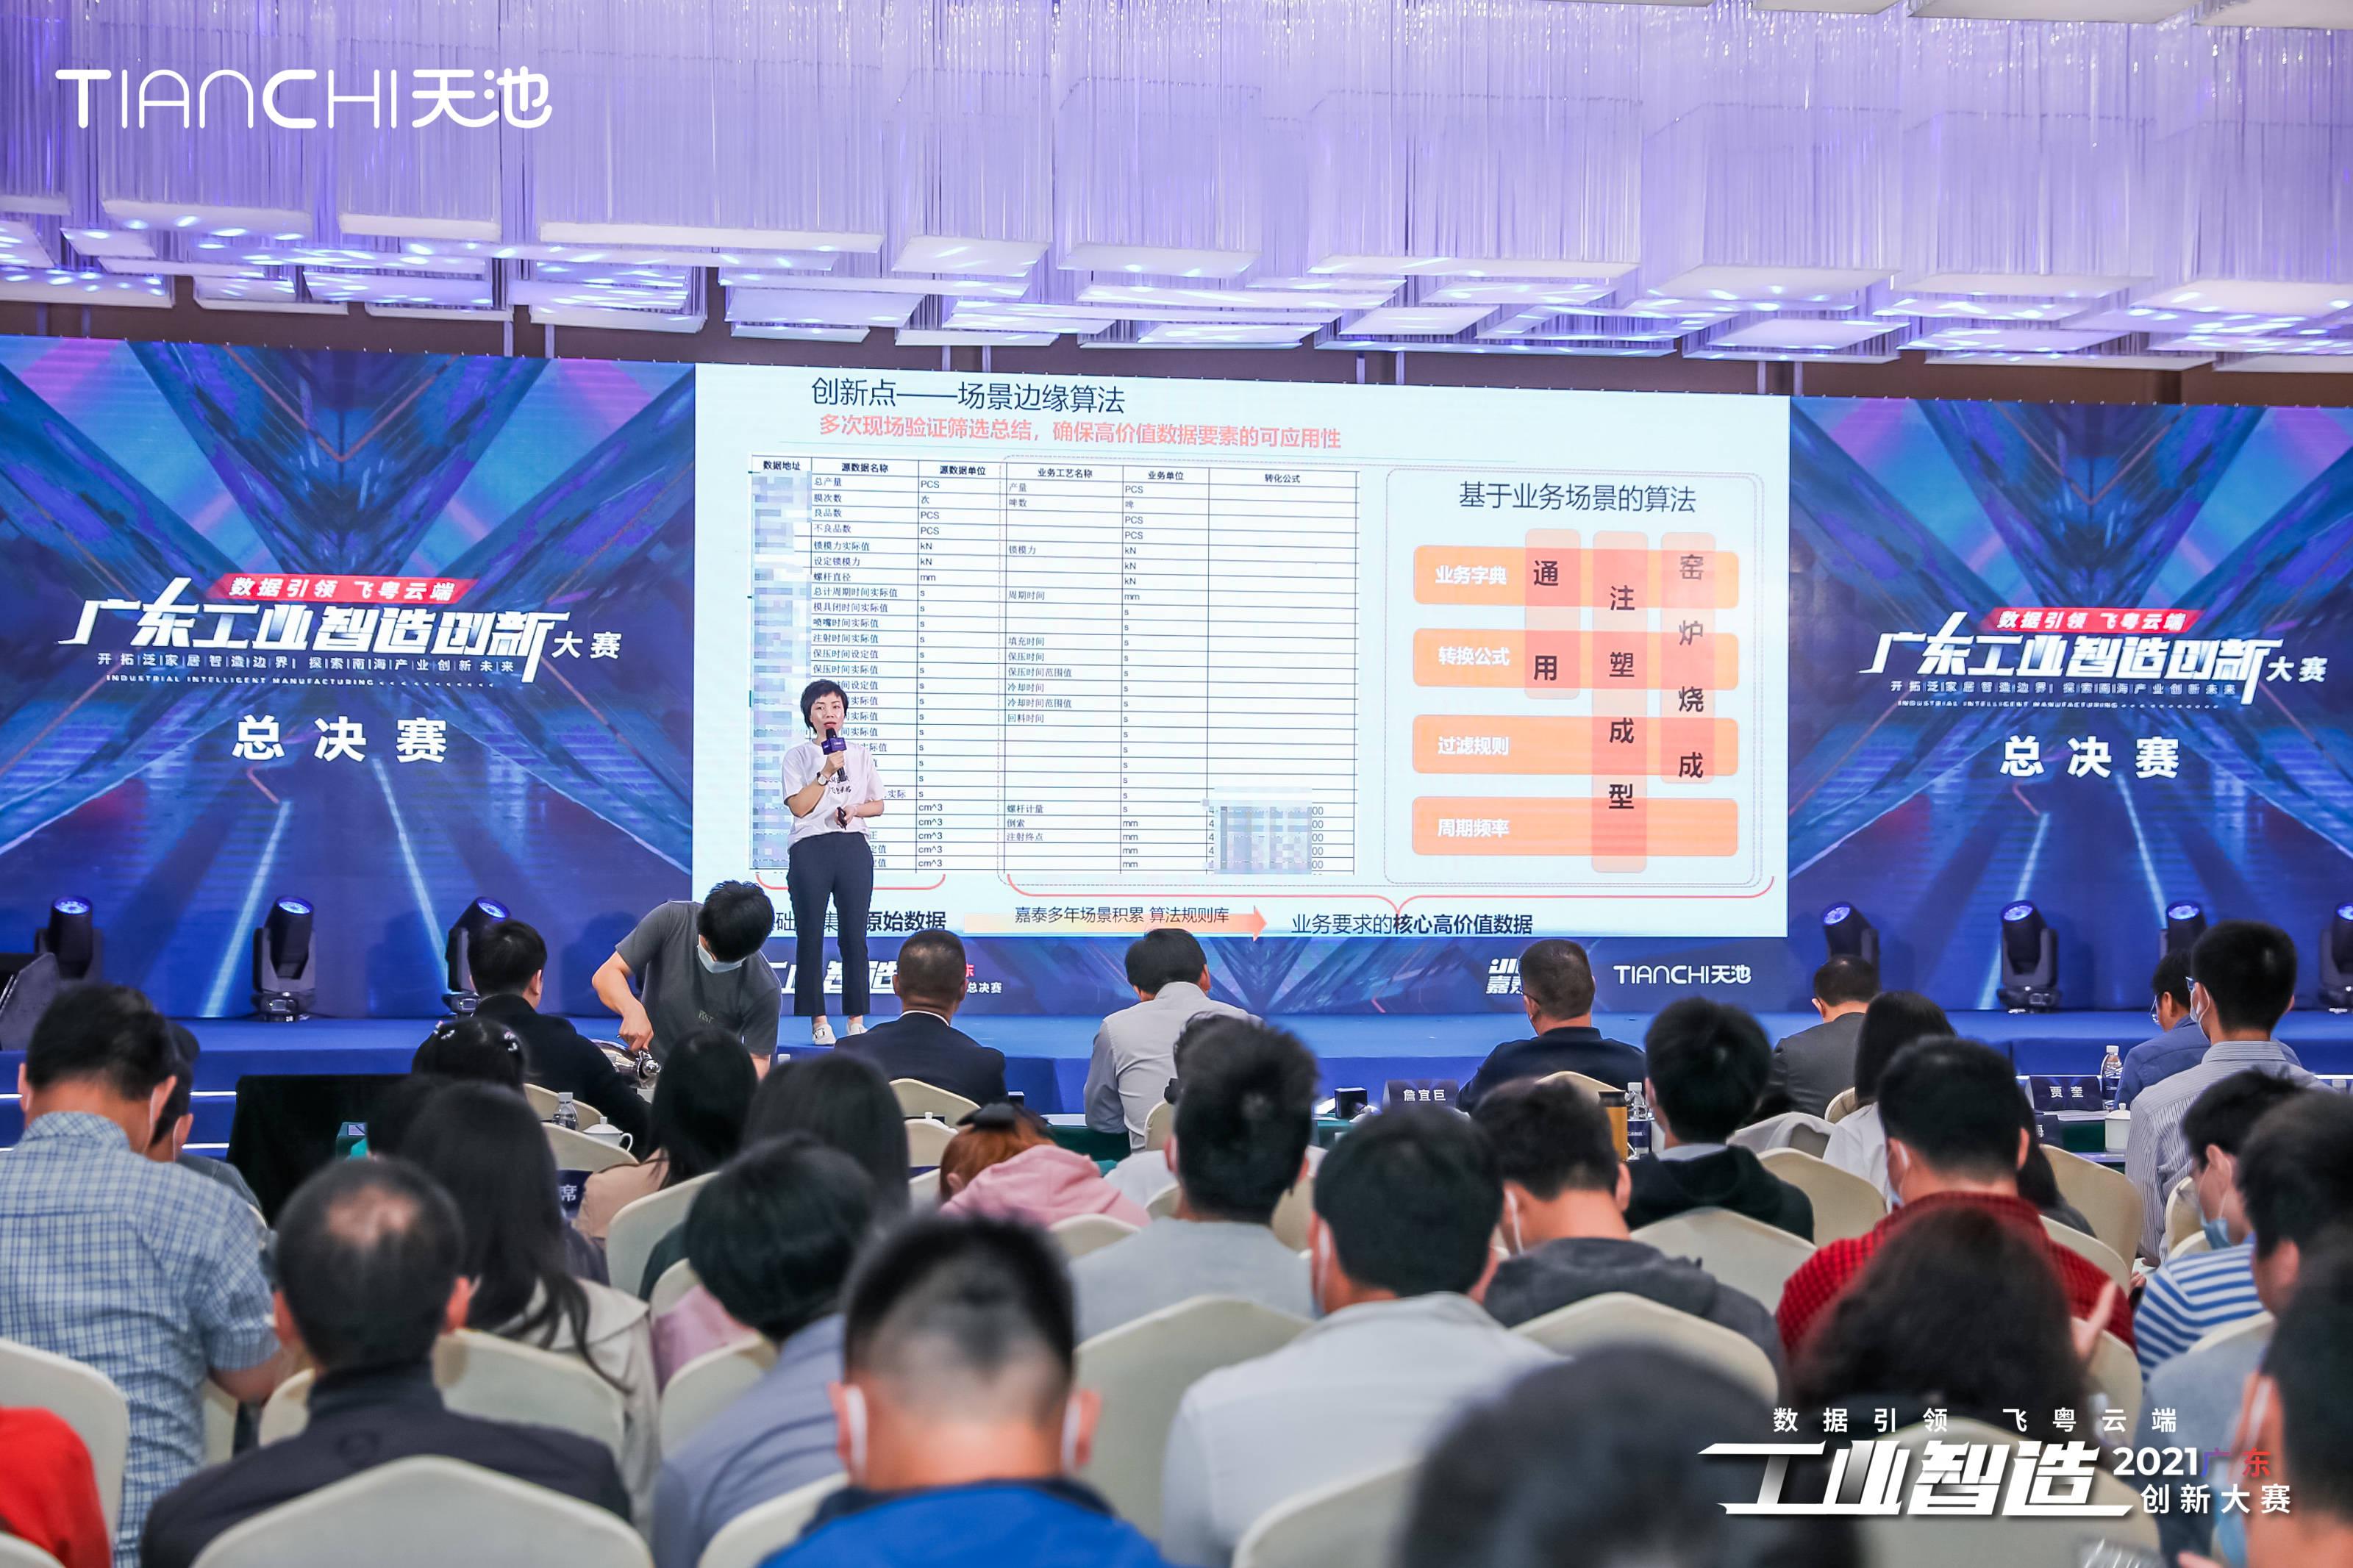 喜报| 嘉泰智能斩获2021广东工业智造创新大赛总决赛铜奖